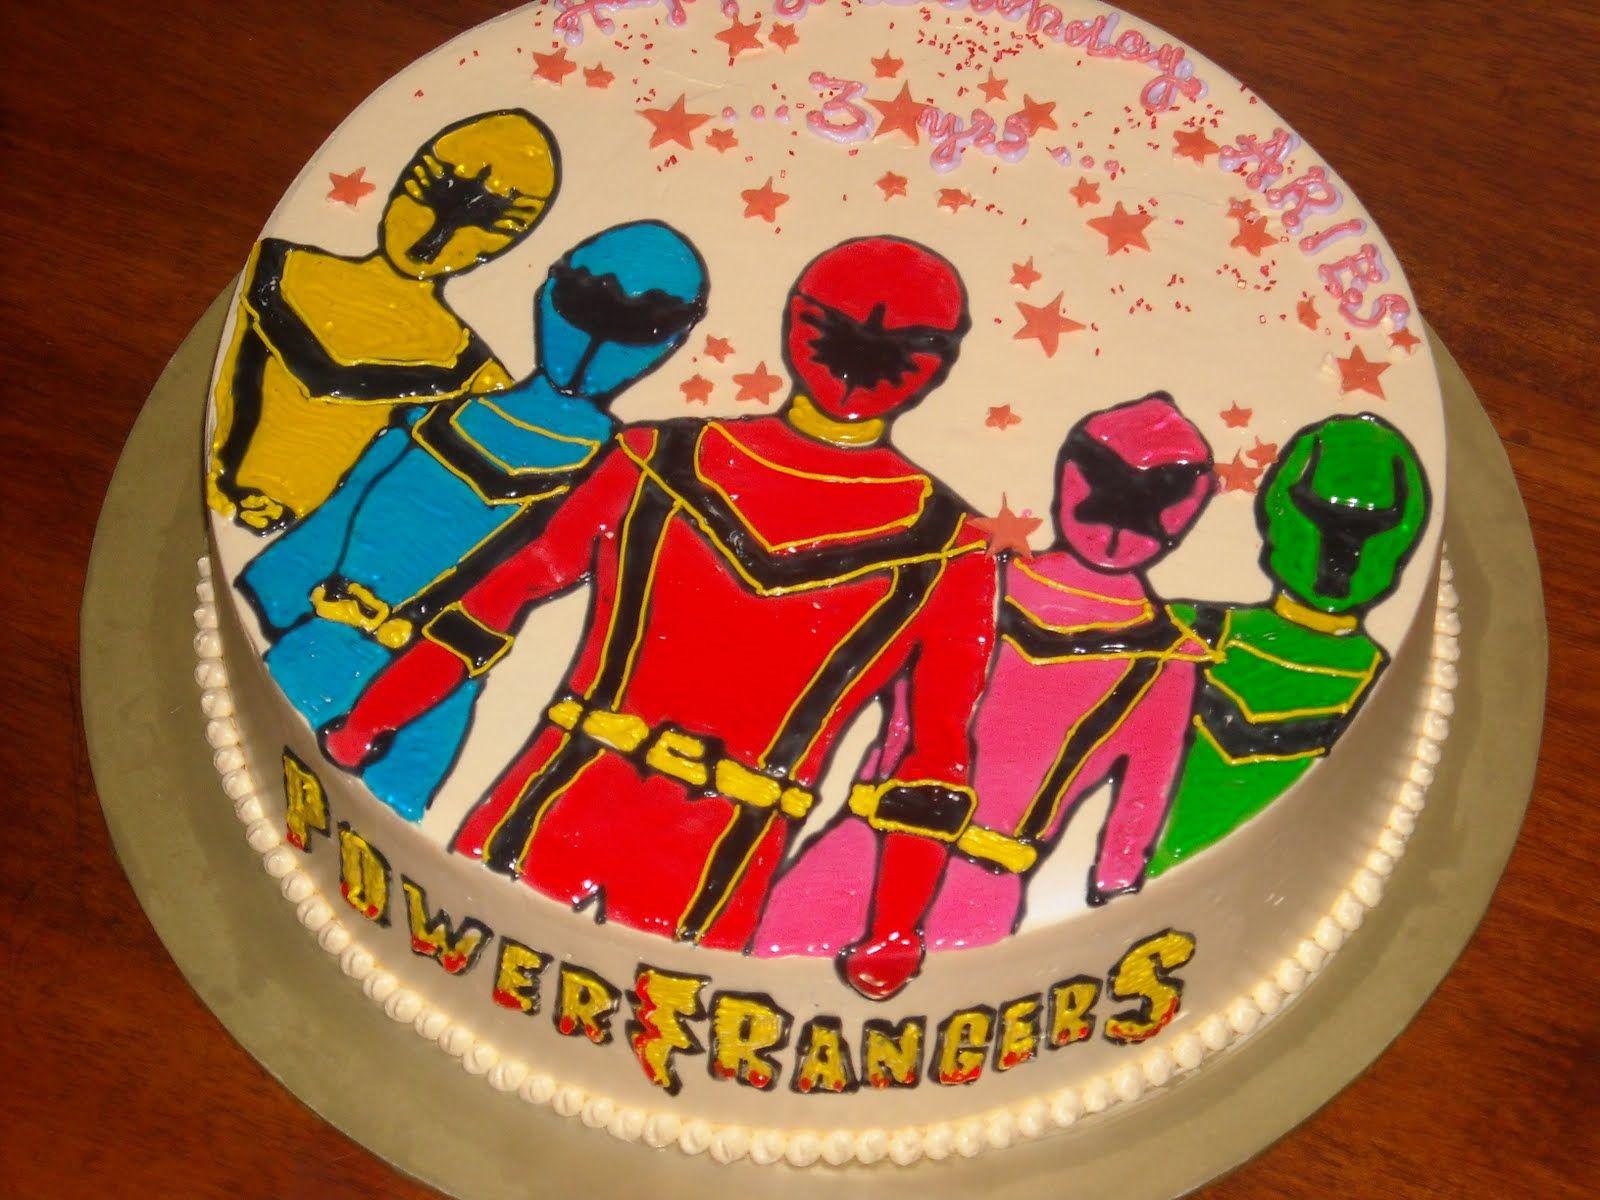 Superb Power Rangers Birthday Cakes Power Ranger Cake Power Rangers Personalised Birthday Cards Veneteletsinfo